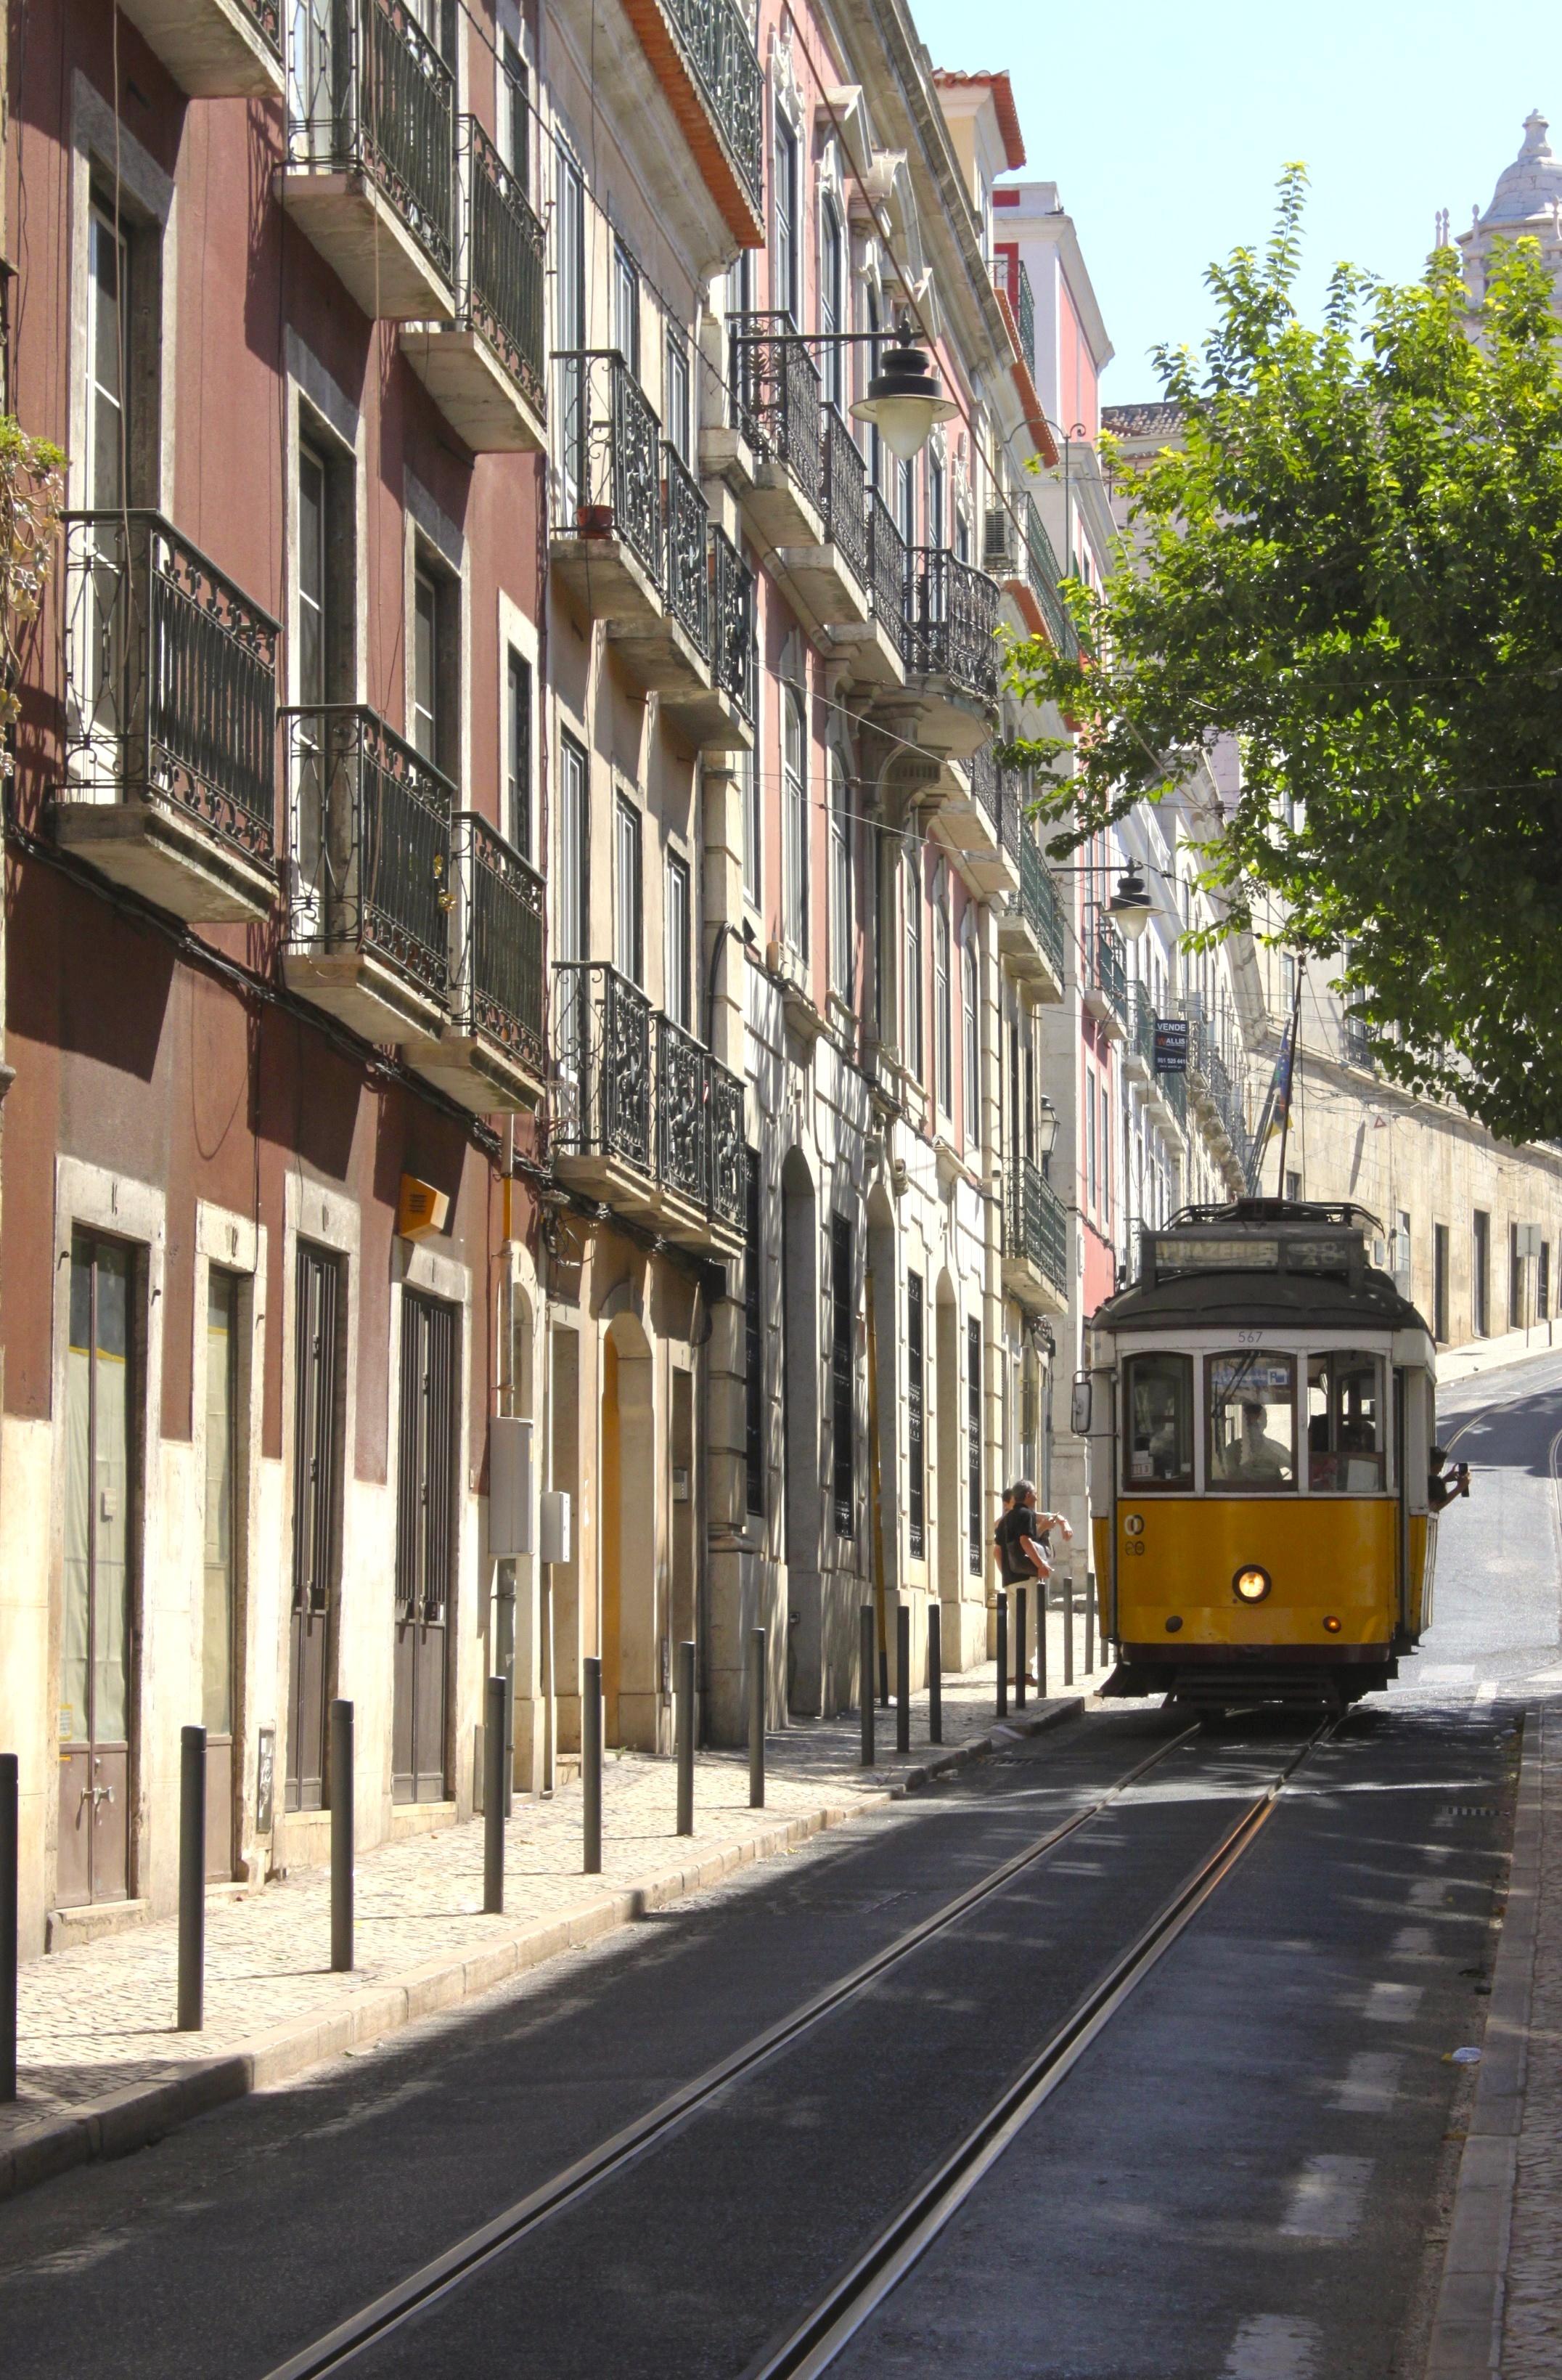 La luce di questa città è la parte più bella. E i tram non riuscivo a smettere di fotografarli.